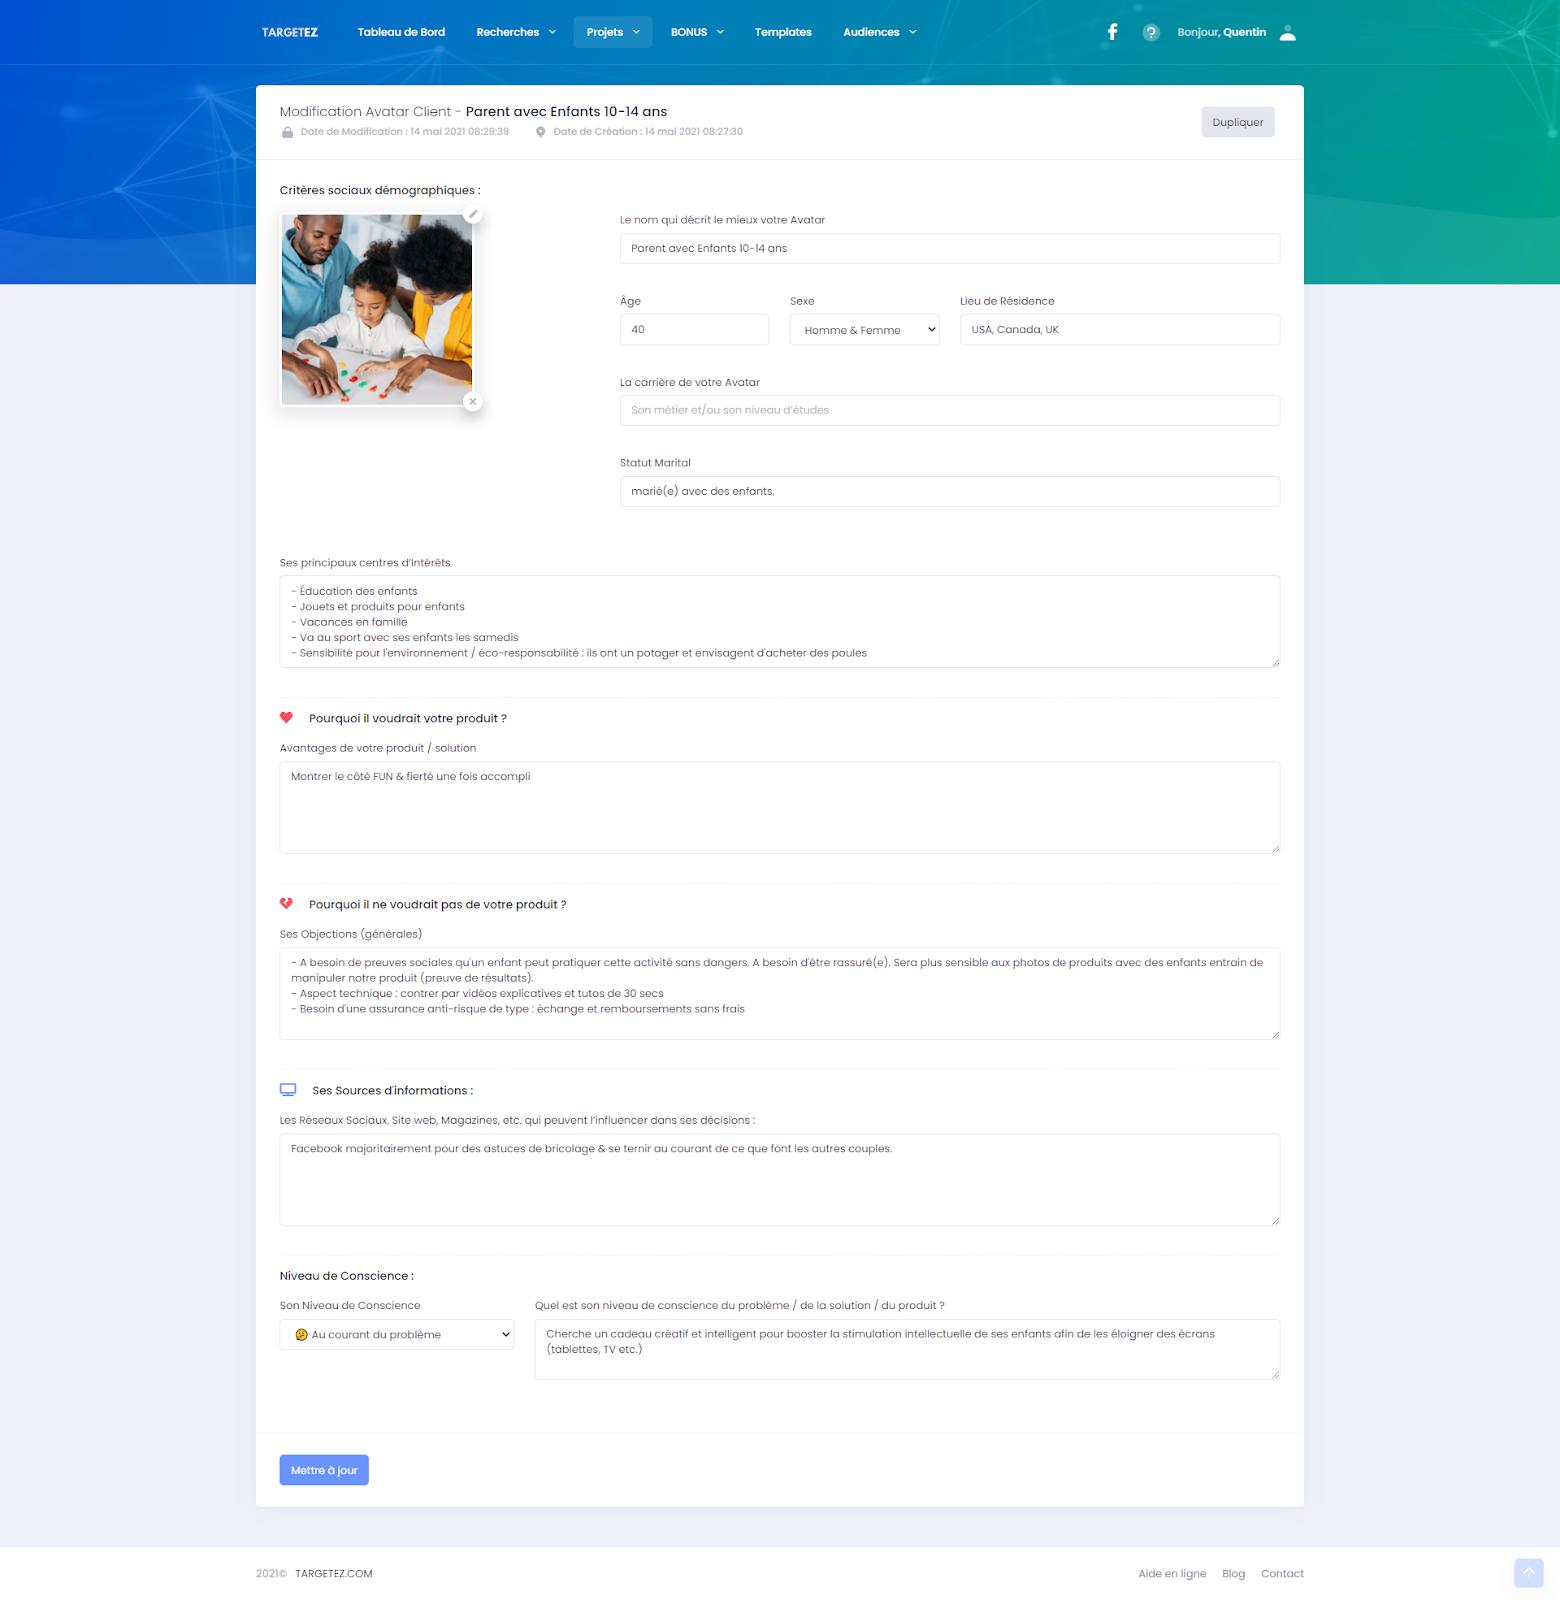 Le module de création d'avatar client de Targetez qui vous guide dans la création de vos persona buyers.